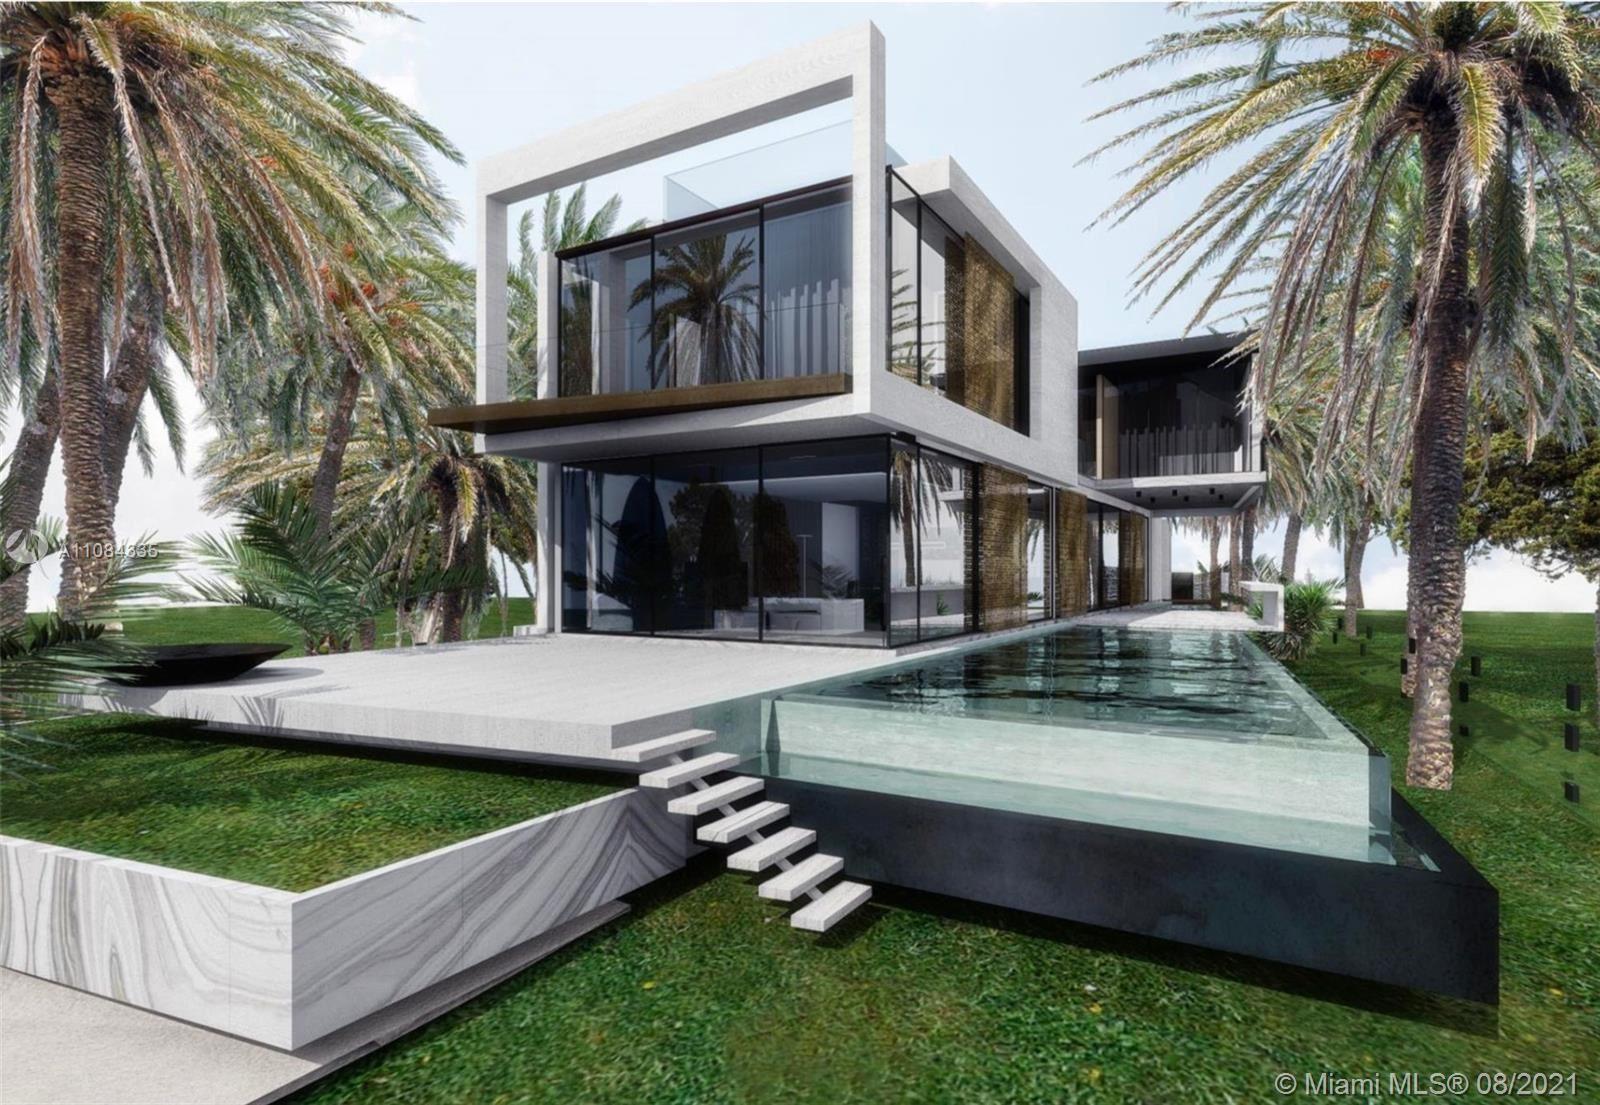 79 N Hibiscus Dr, Miami Beach, FL 33139 - #: A11084335